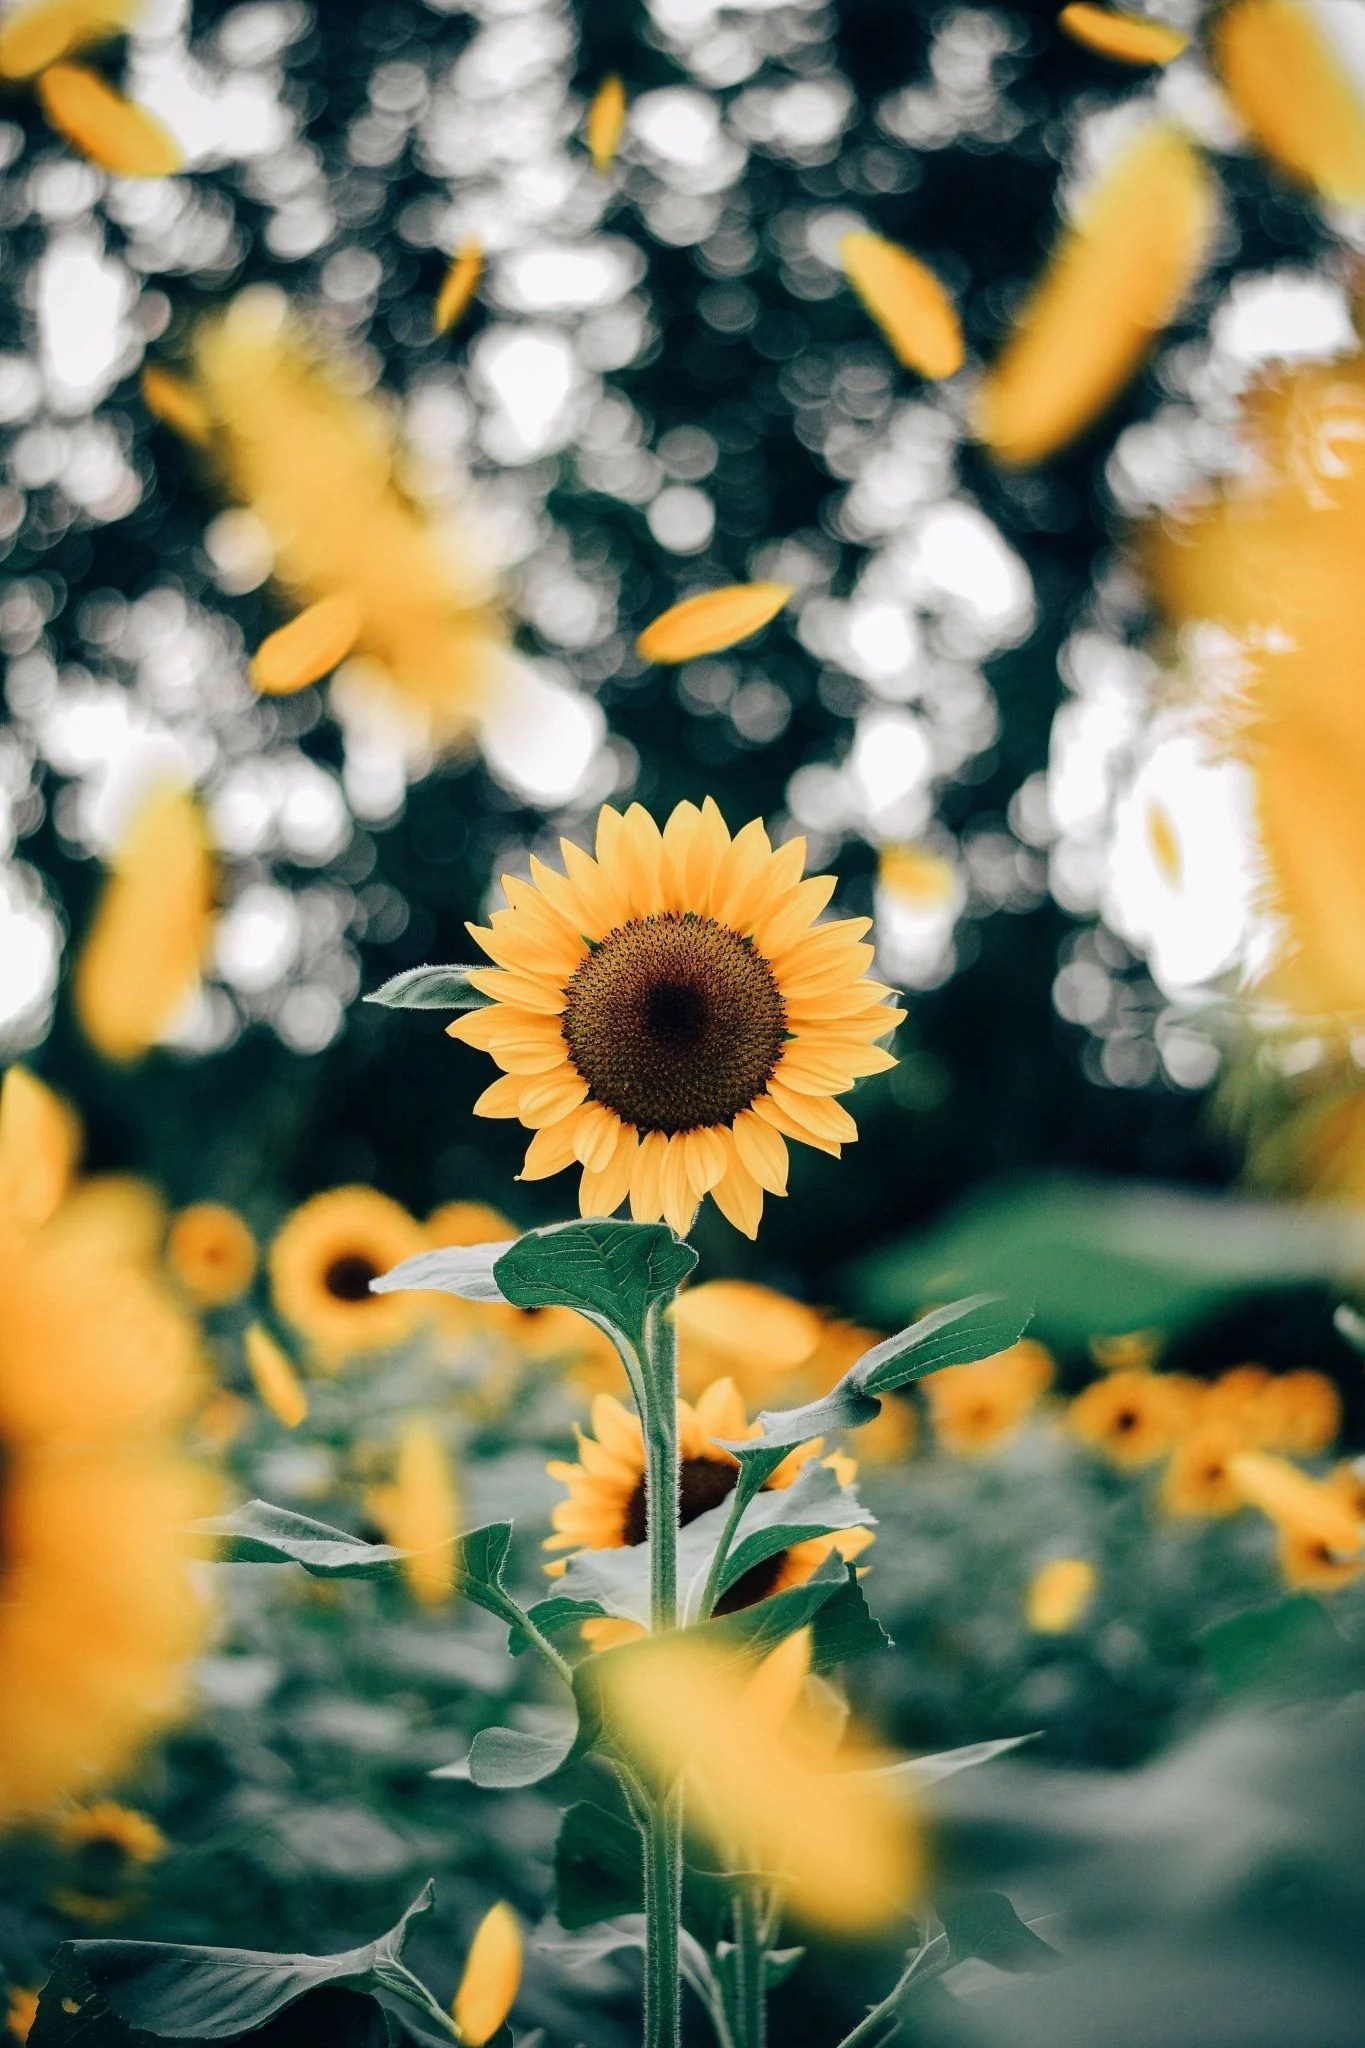 Vsco Sunflower Wallpapers Top Free Vsco Sunflower Backgrounds Wallpaperaccess